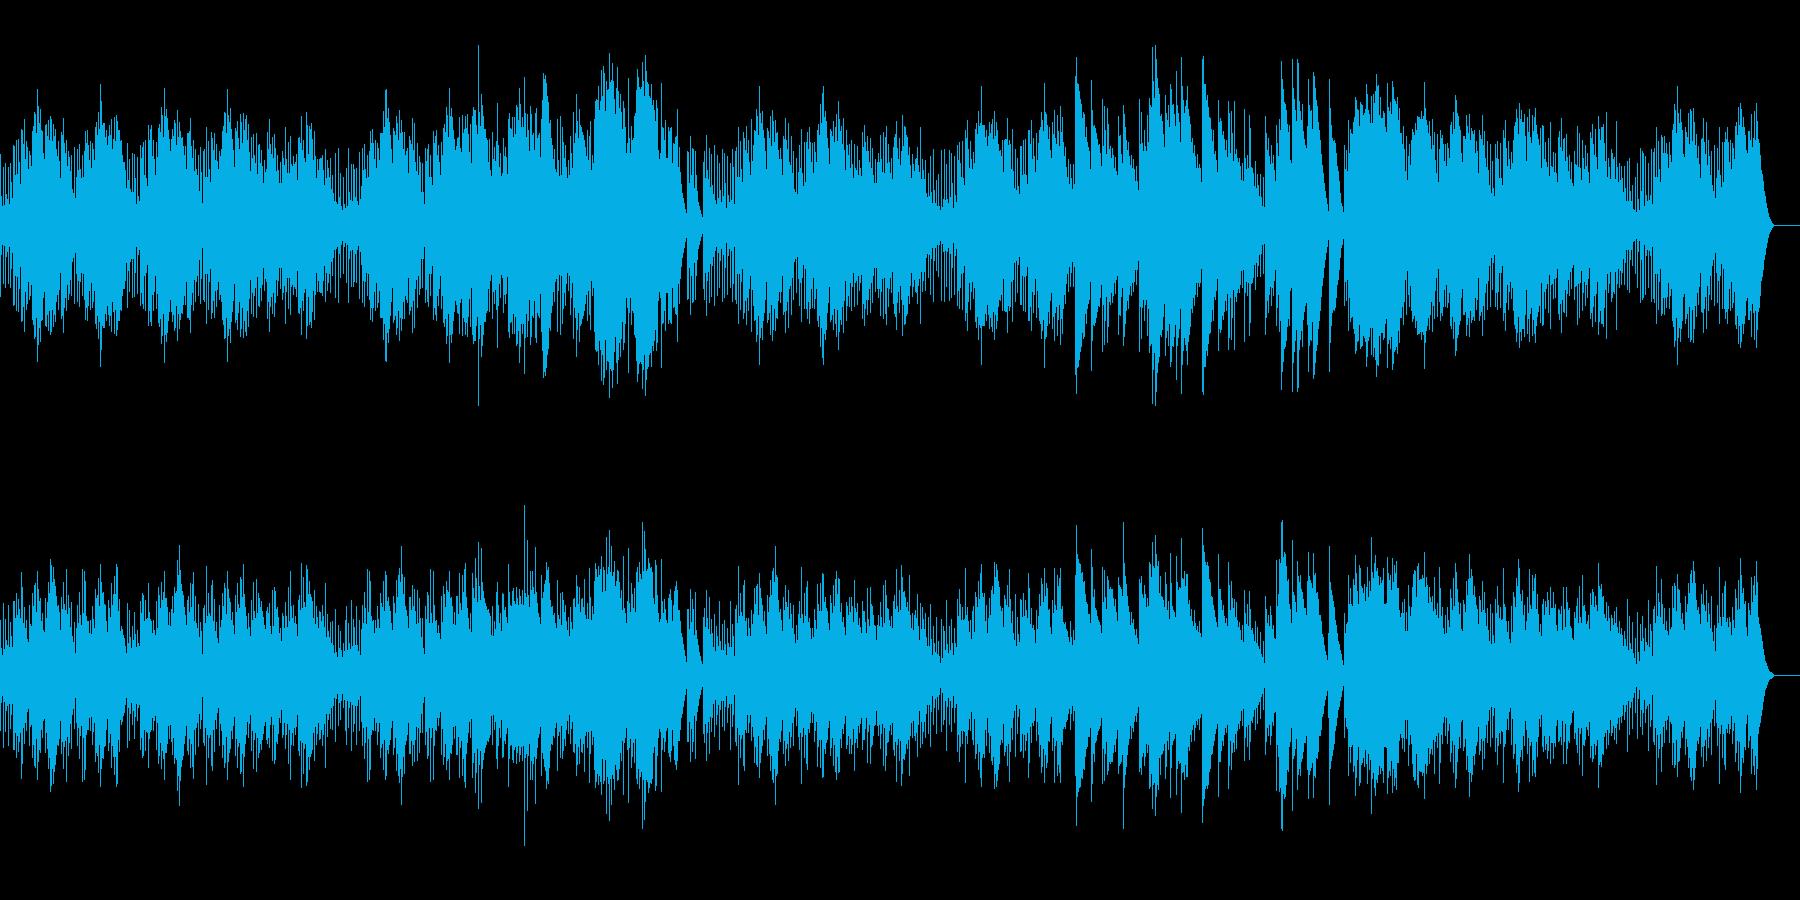 エリーゼのために フル尺 (オルゴール)の再生済みの波形